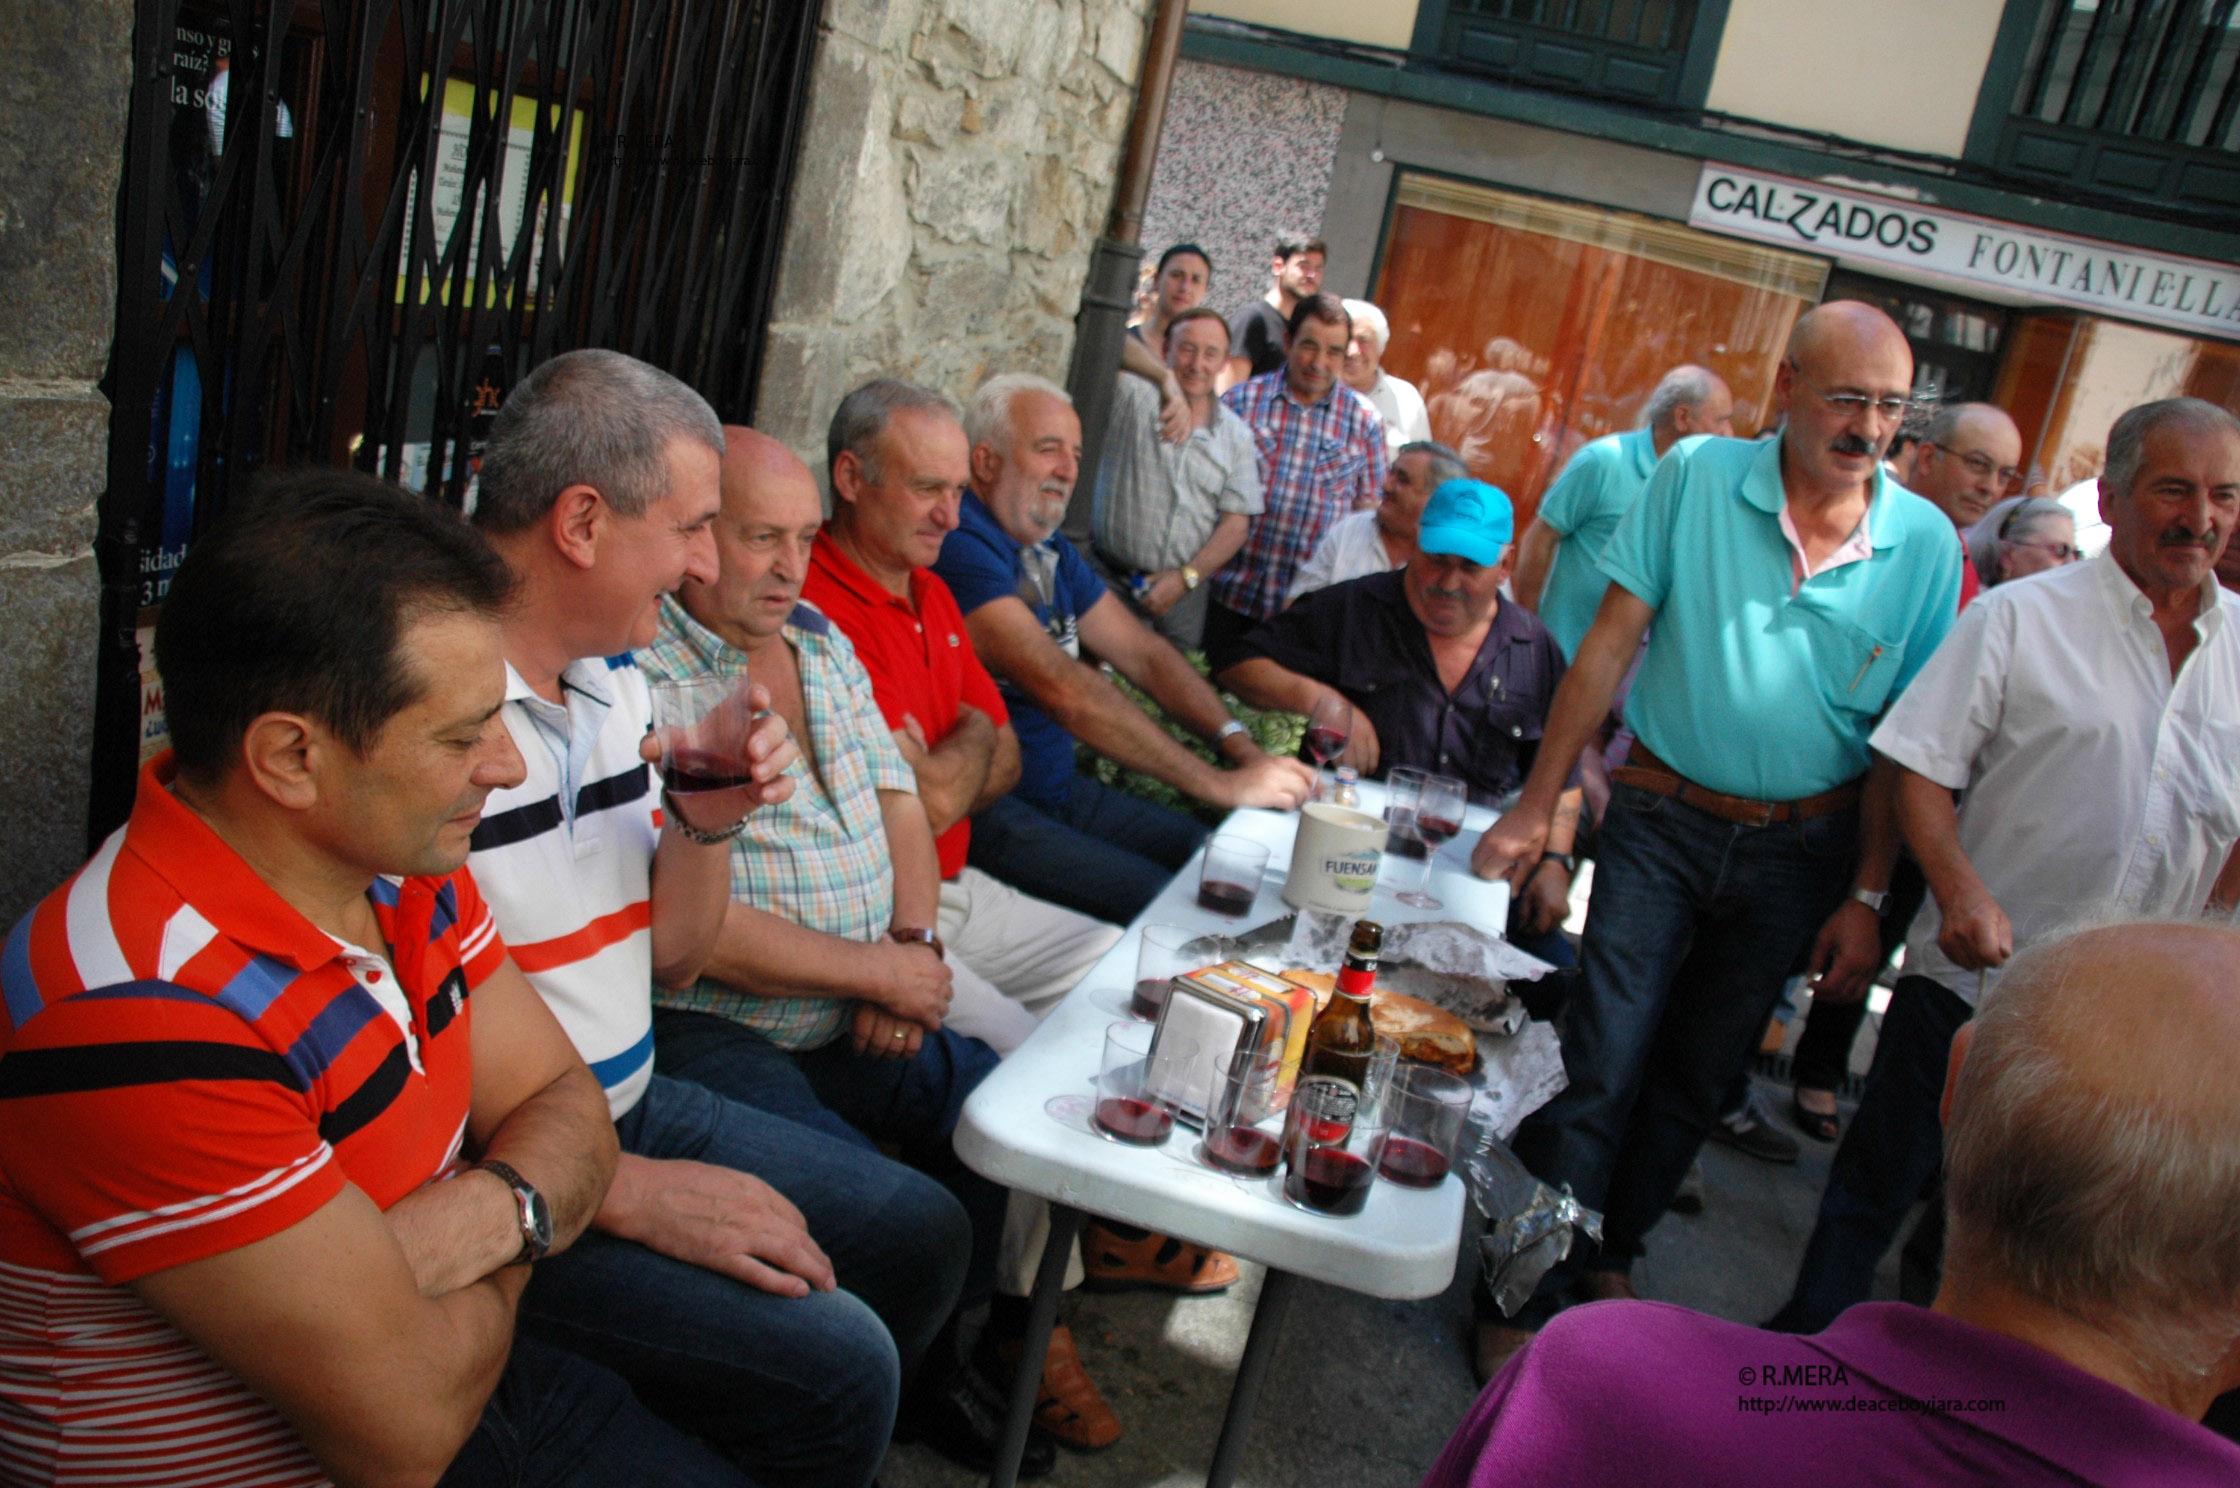 CANGAS DEL NARCEA.- Moción del PP sobre horarios de bares